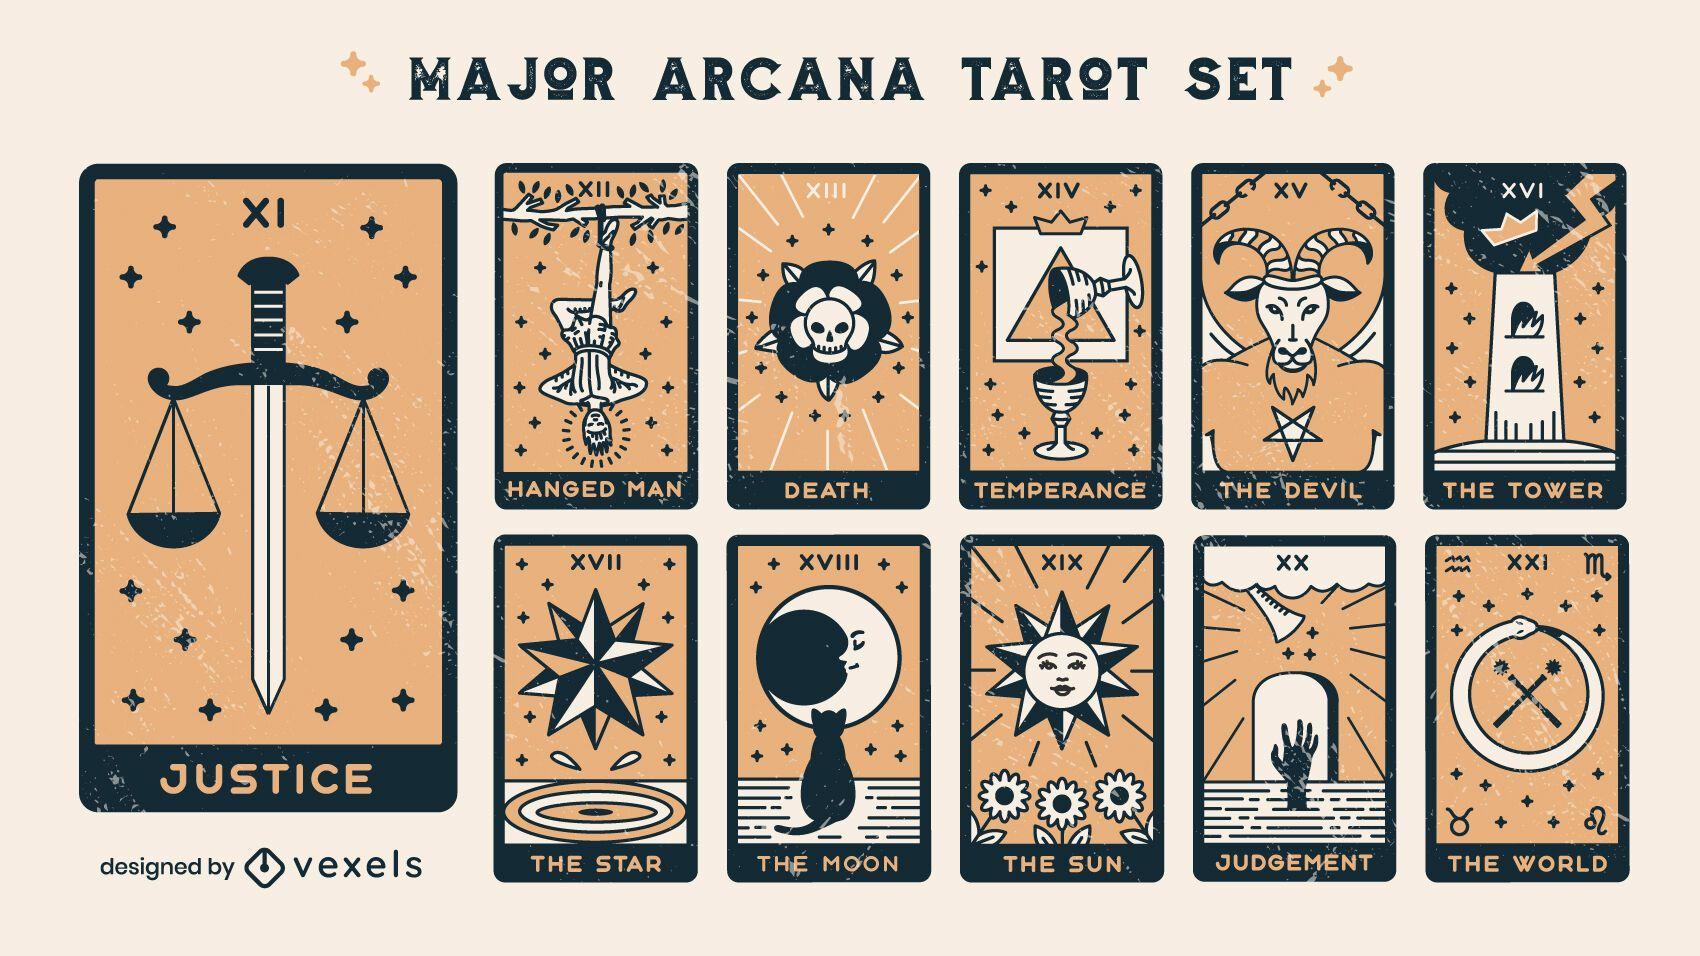 Großes Arkana-Set von Farbstrichkarten